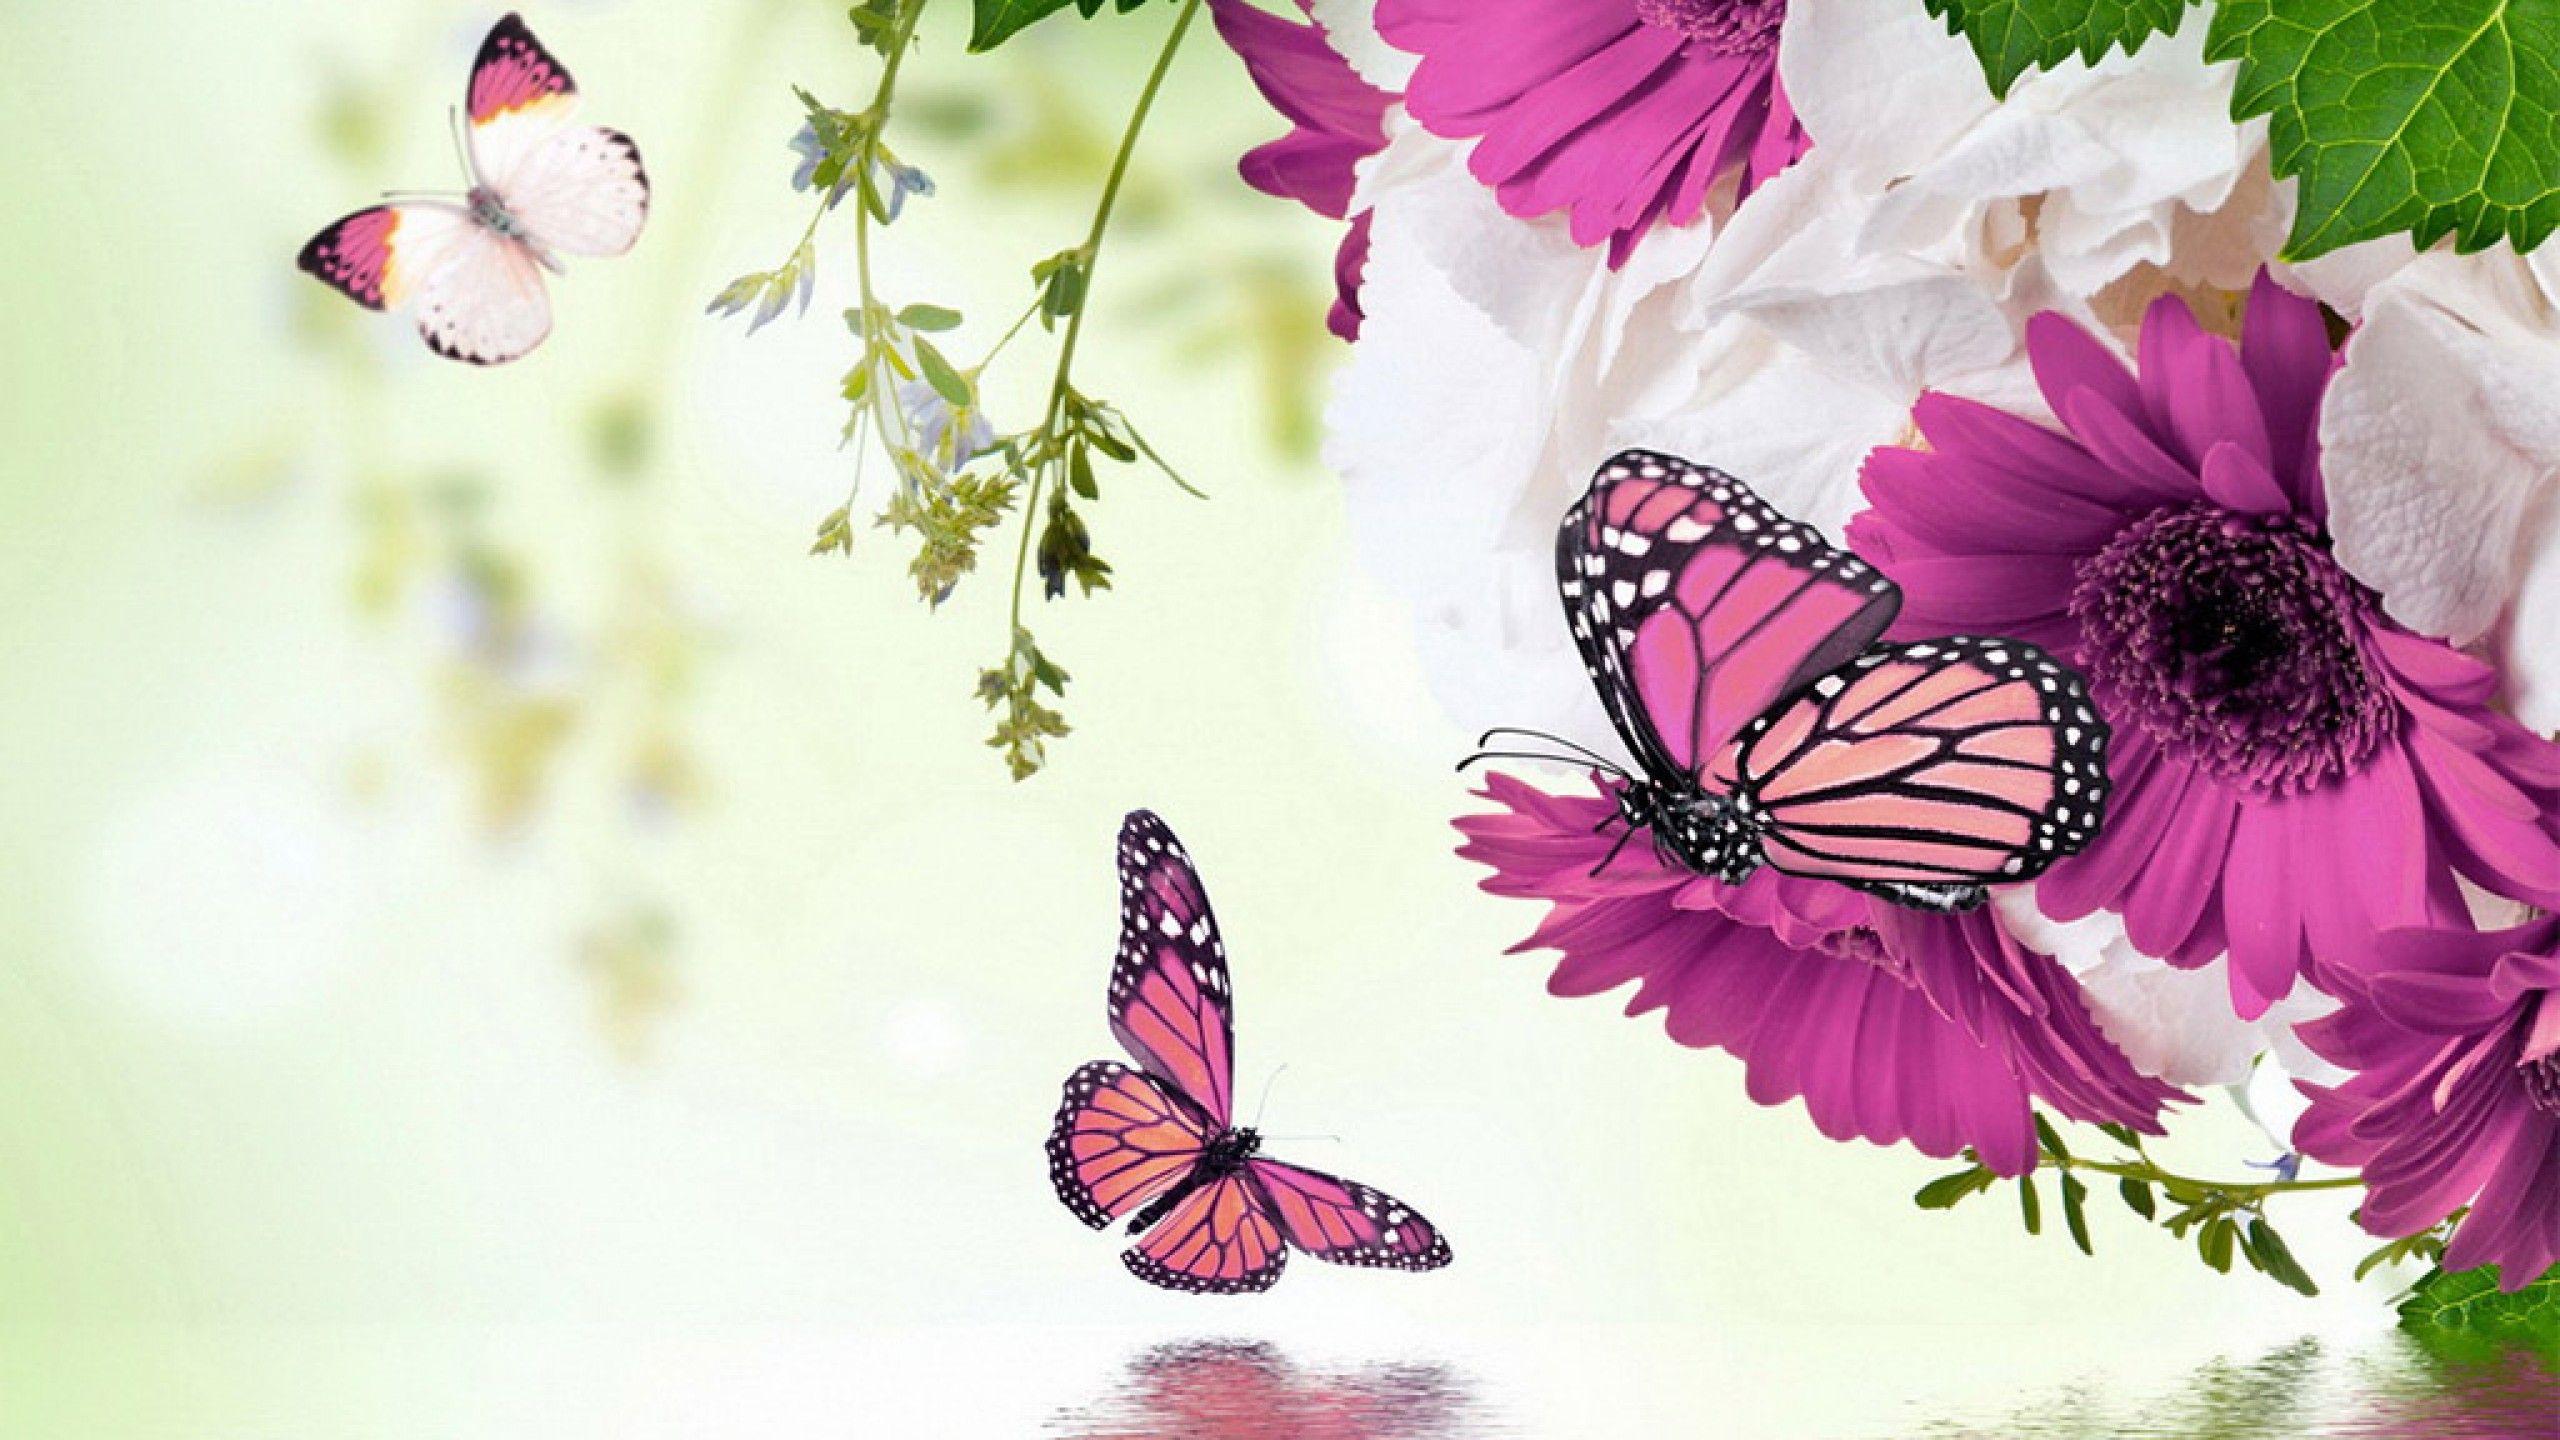 Fondos De Pantalla De Flores Hermosas: Flores-hermosas-para-fondo-de-pantalla-2.jpg (2560×1440